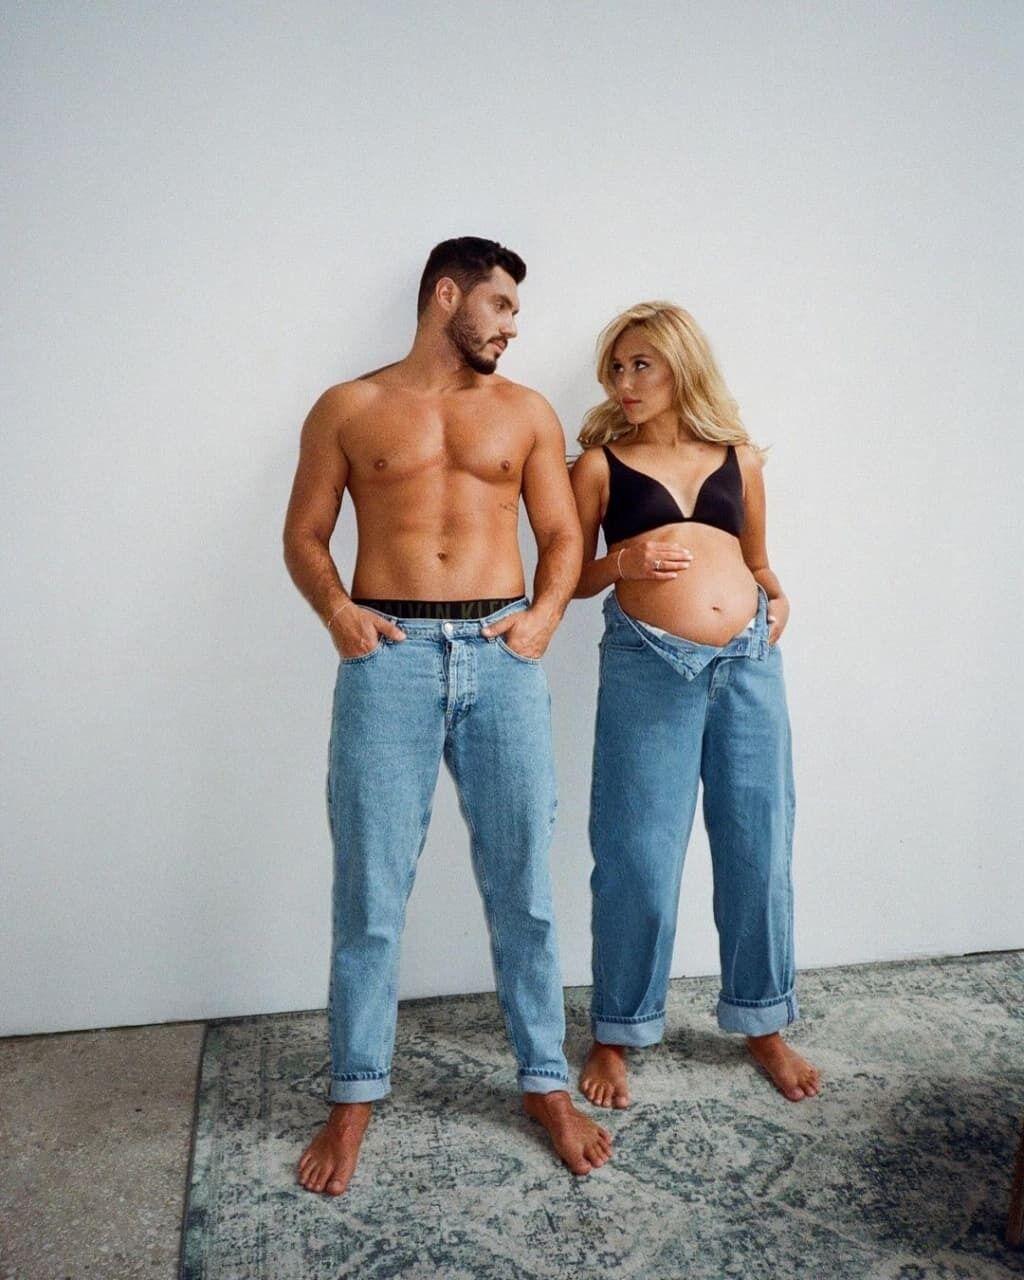 Добрынин и Квиткова позировали в джинсах.